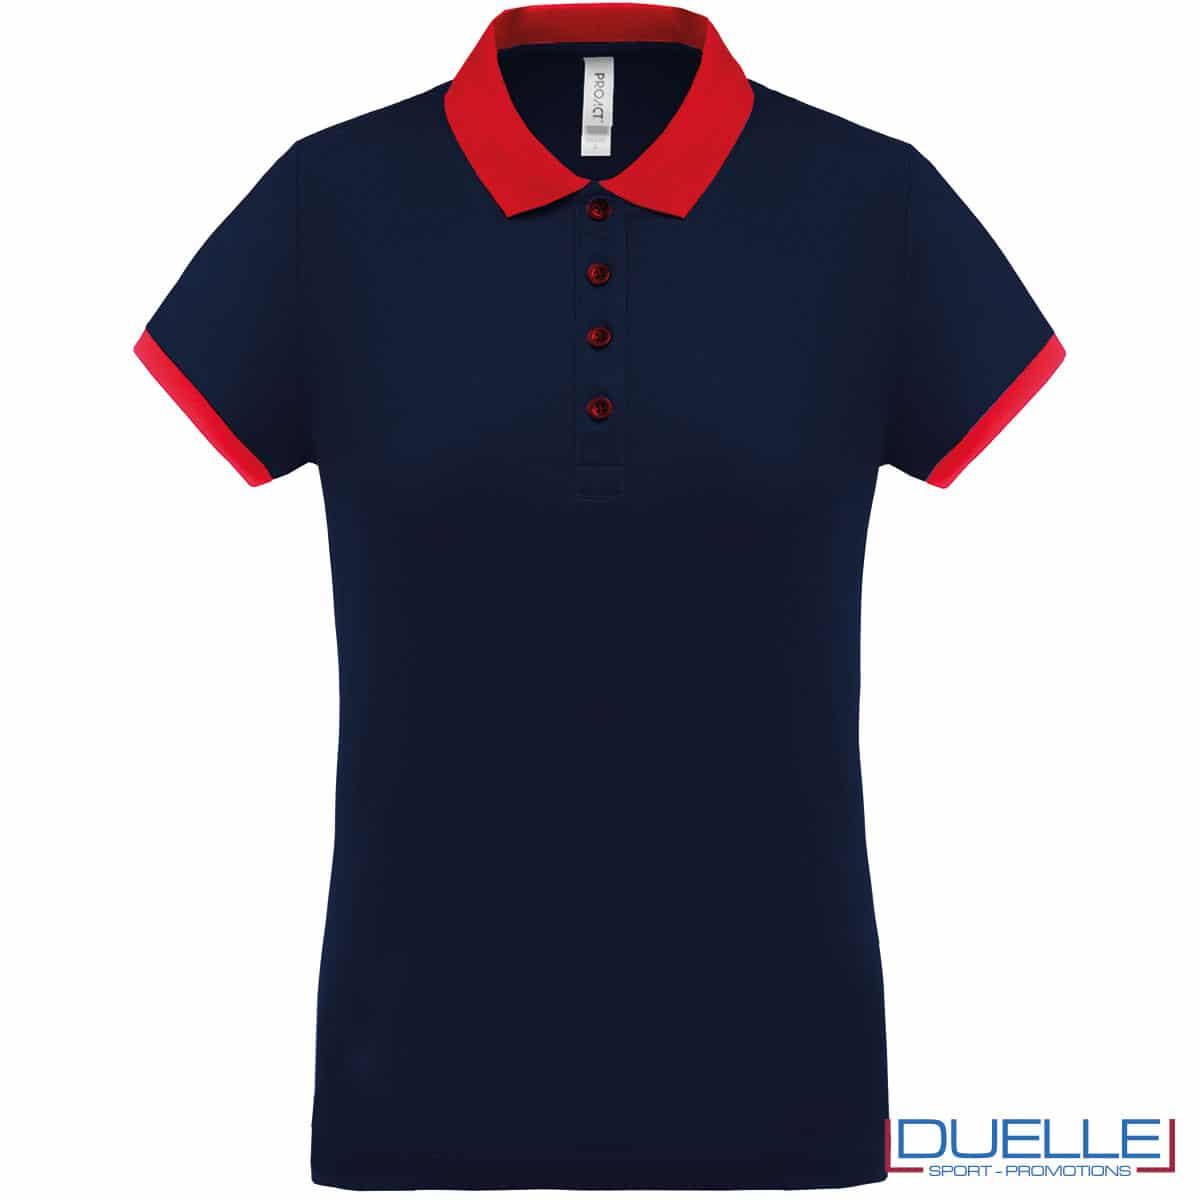 polo navy dettaglio rosso cool plus donna